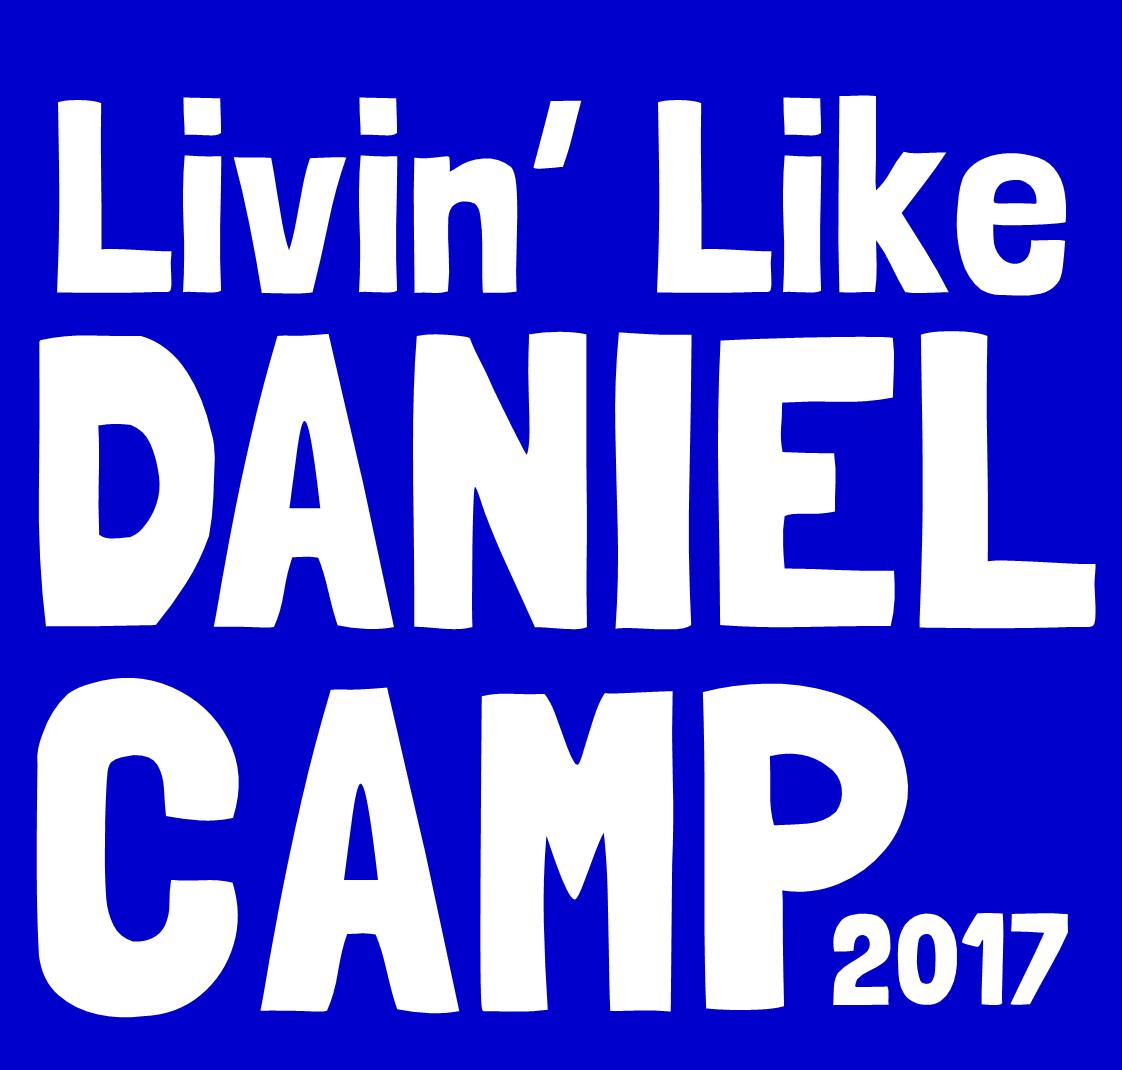 daniel camp design squareish